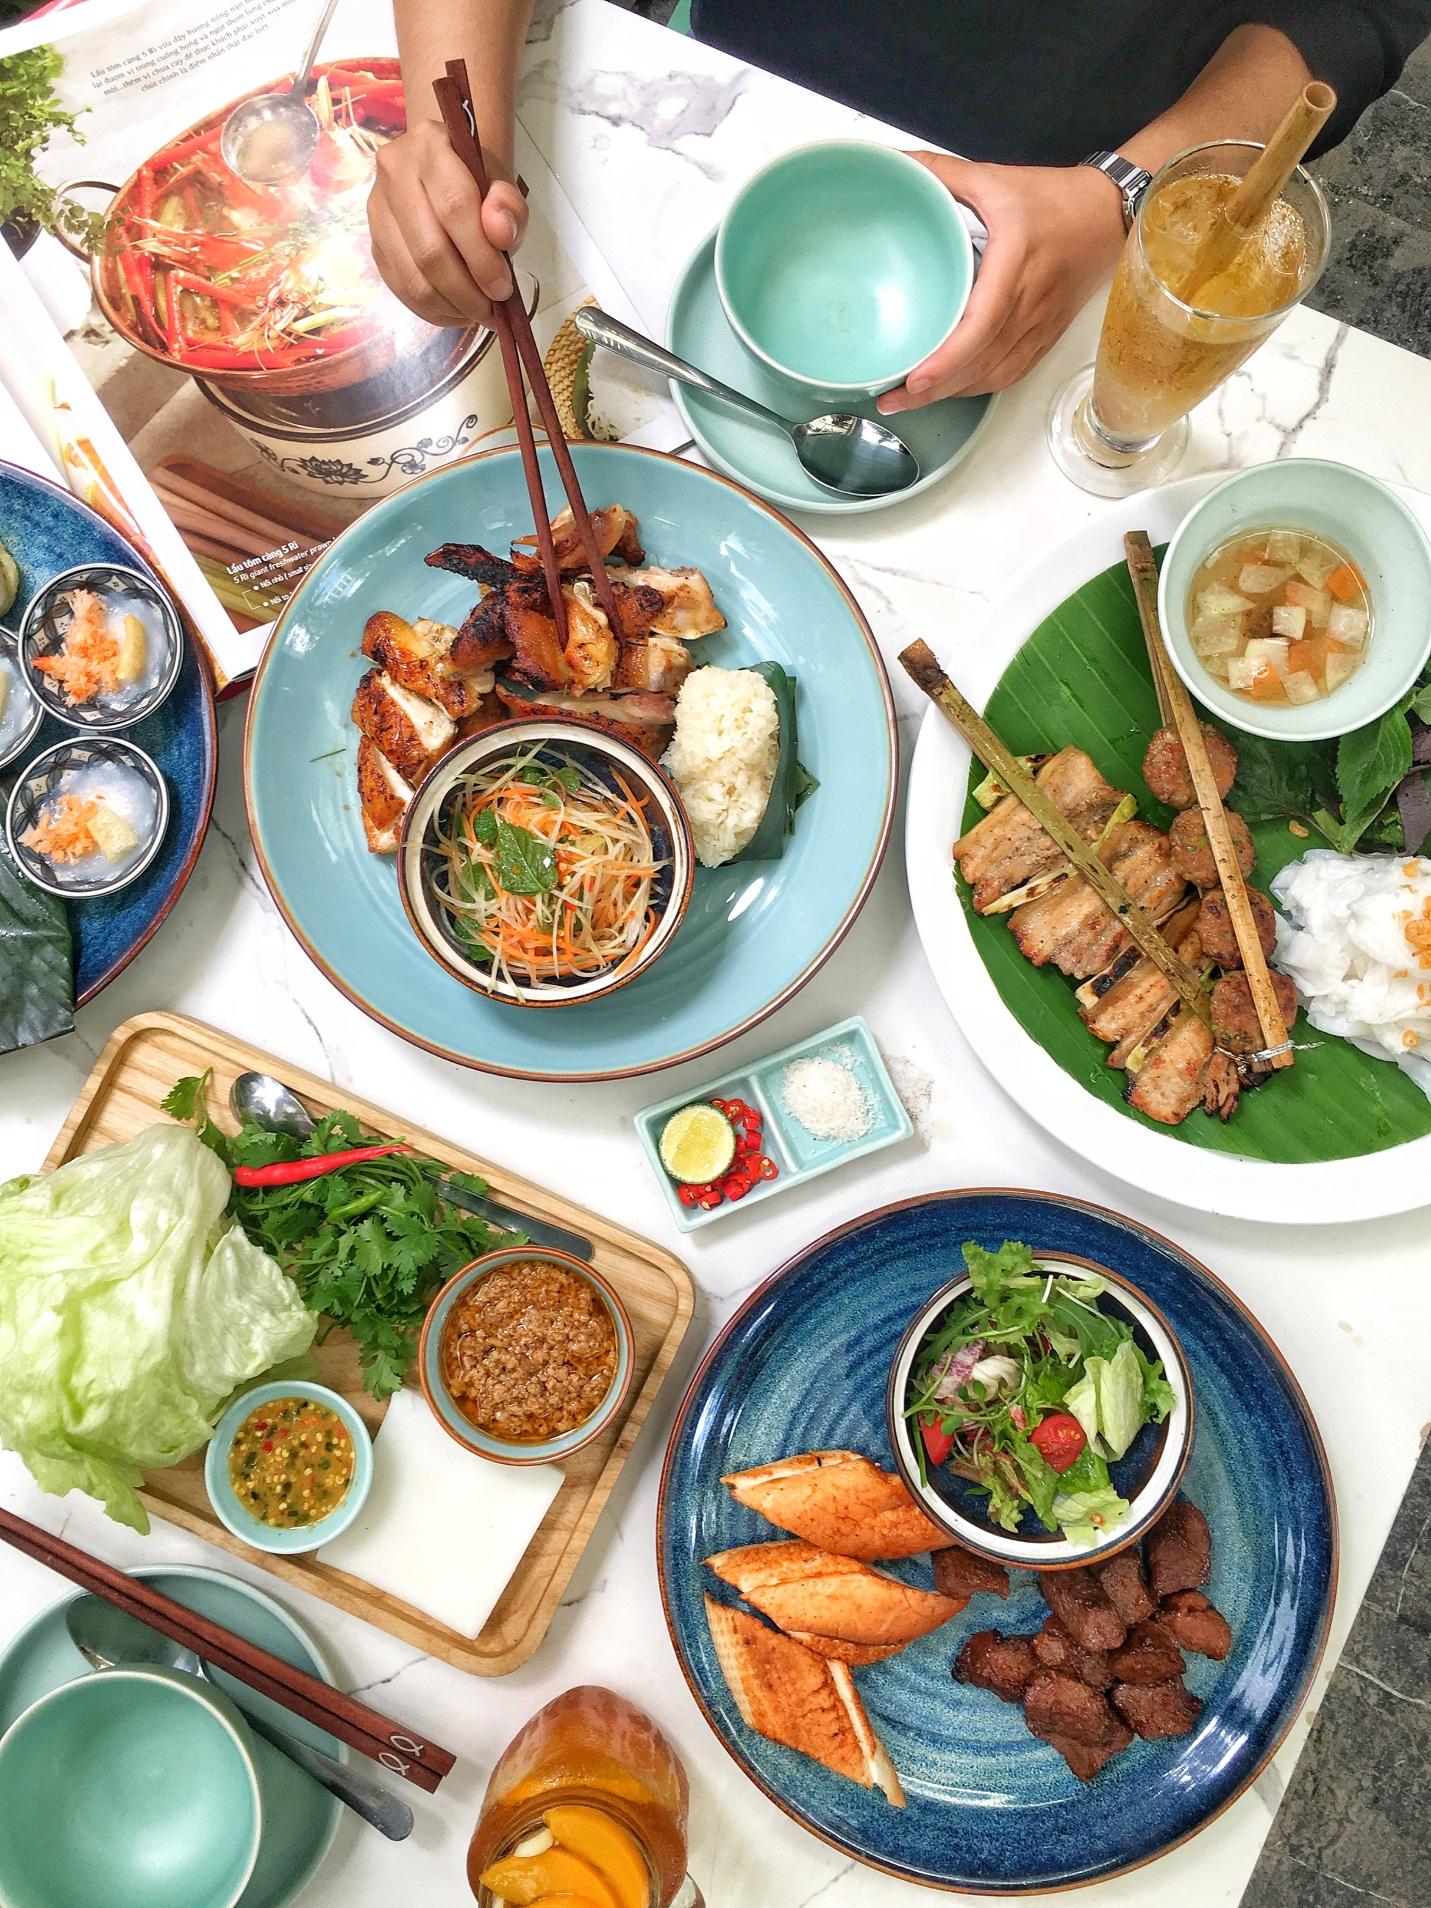 Các tín đồ ẩm thực háo hức khi Quán Ăn Ngon khai trương nhà hàng 3.000m2 ngay trung tâm thành phố - Ảnh 4.